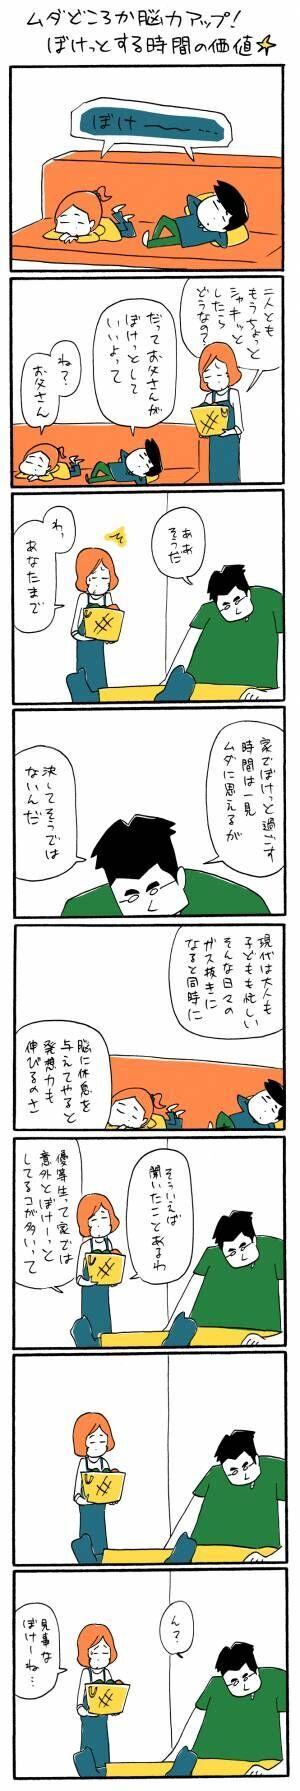 「ムダどころか脳力アップ! ぼけっとする時間の価値☆」ゆるクス漫画家 木下晋也のマンガ Ready Study Go!【第31回】